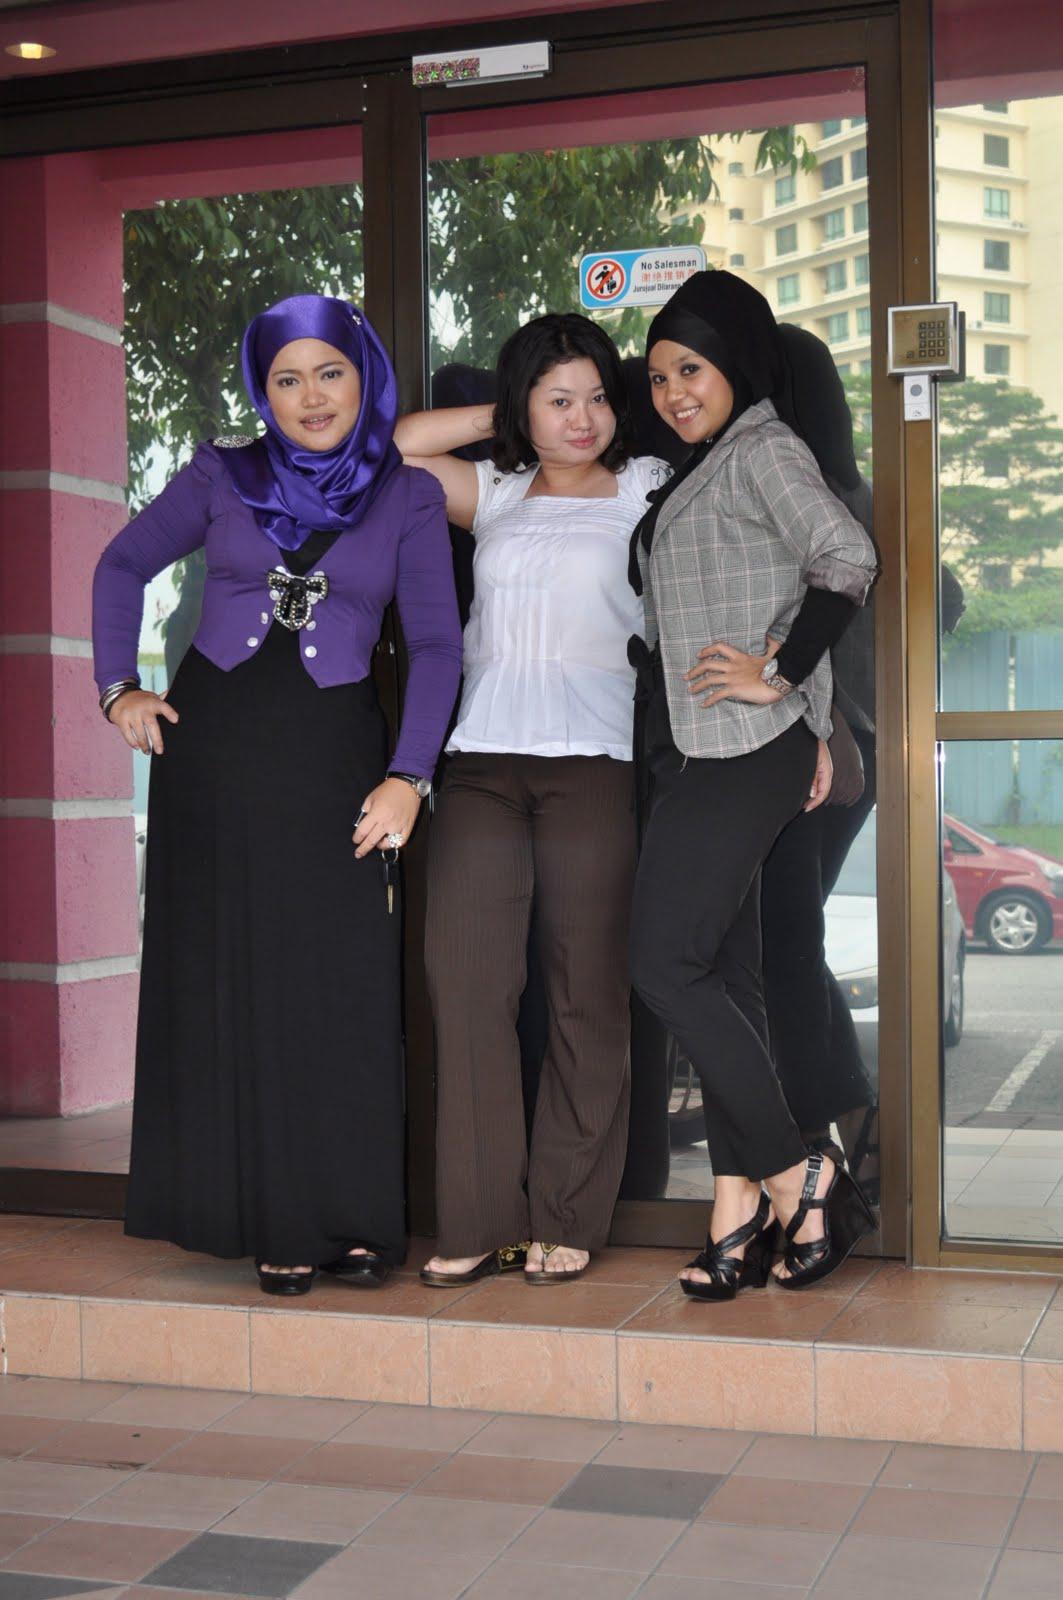 Wana Aka Tokey Biocantik May 2011 Tekaaa Bersama Anak Pemilik Butik Salloon Terkemuka Ce